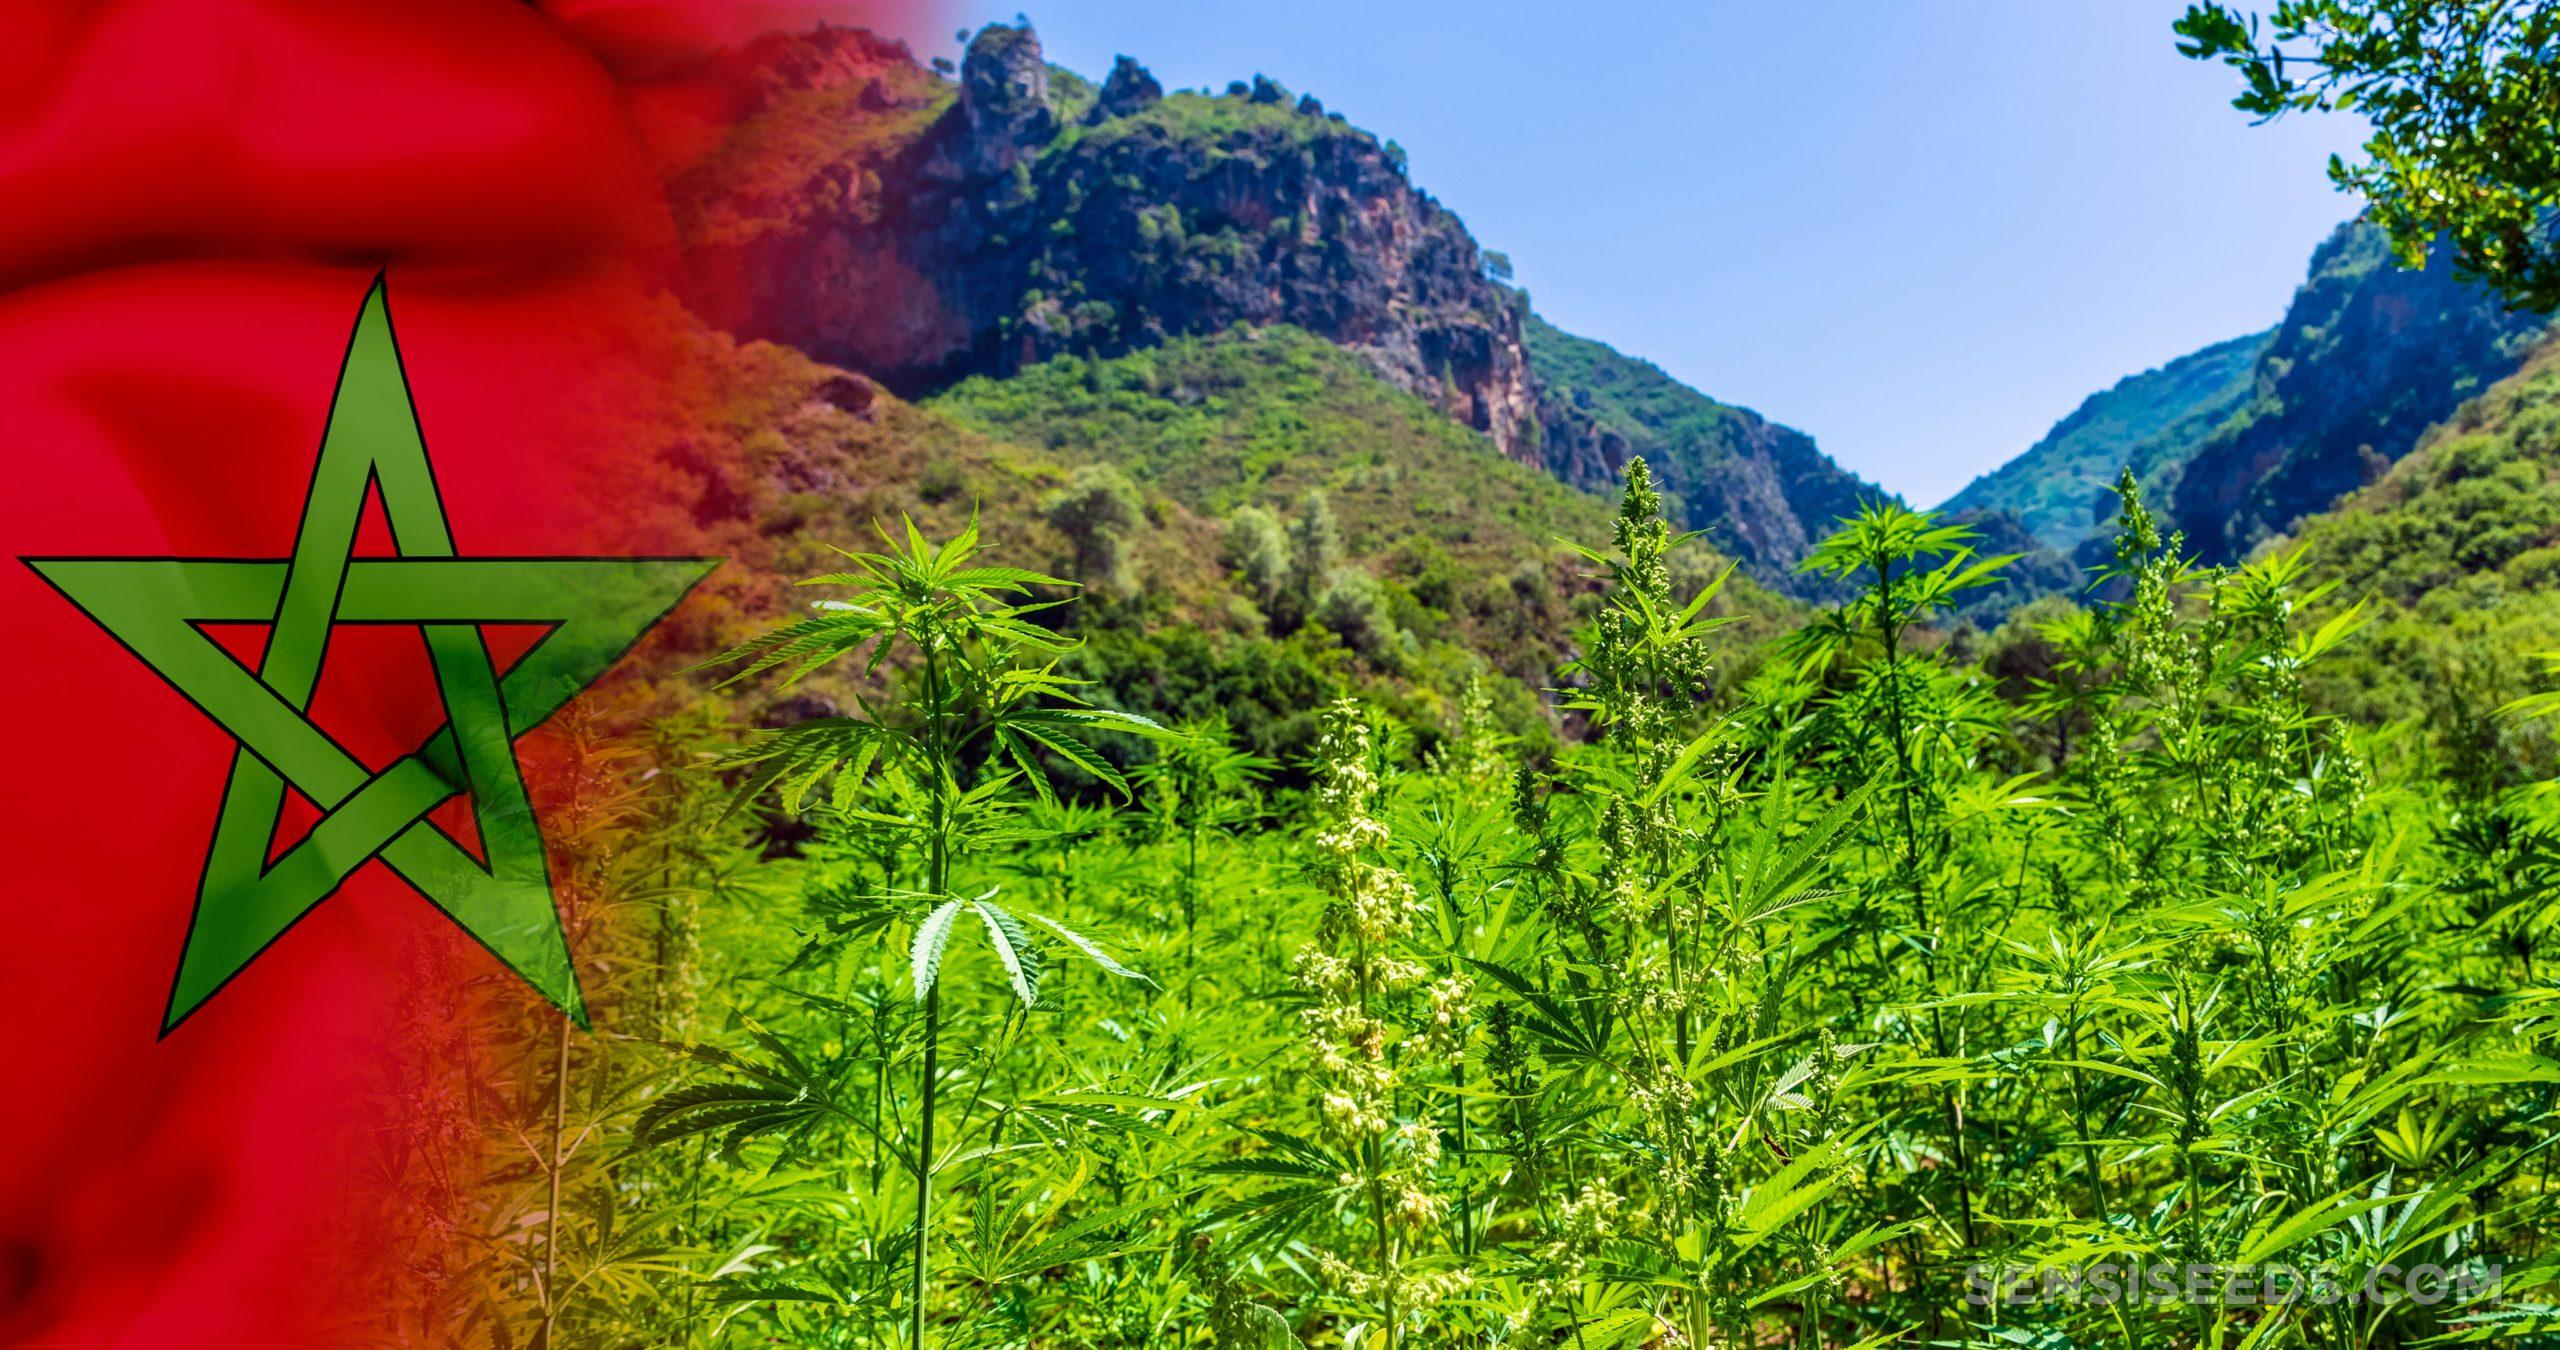 De Marokcon-vlag en een veld van cannabisplanten